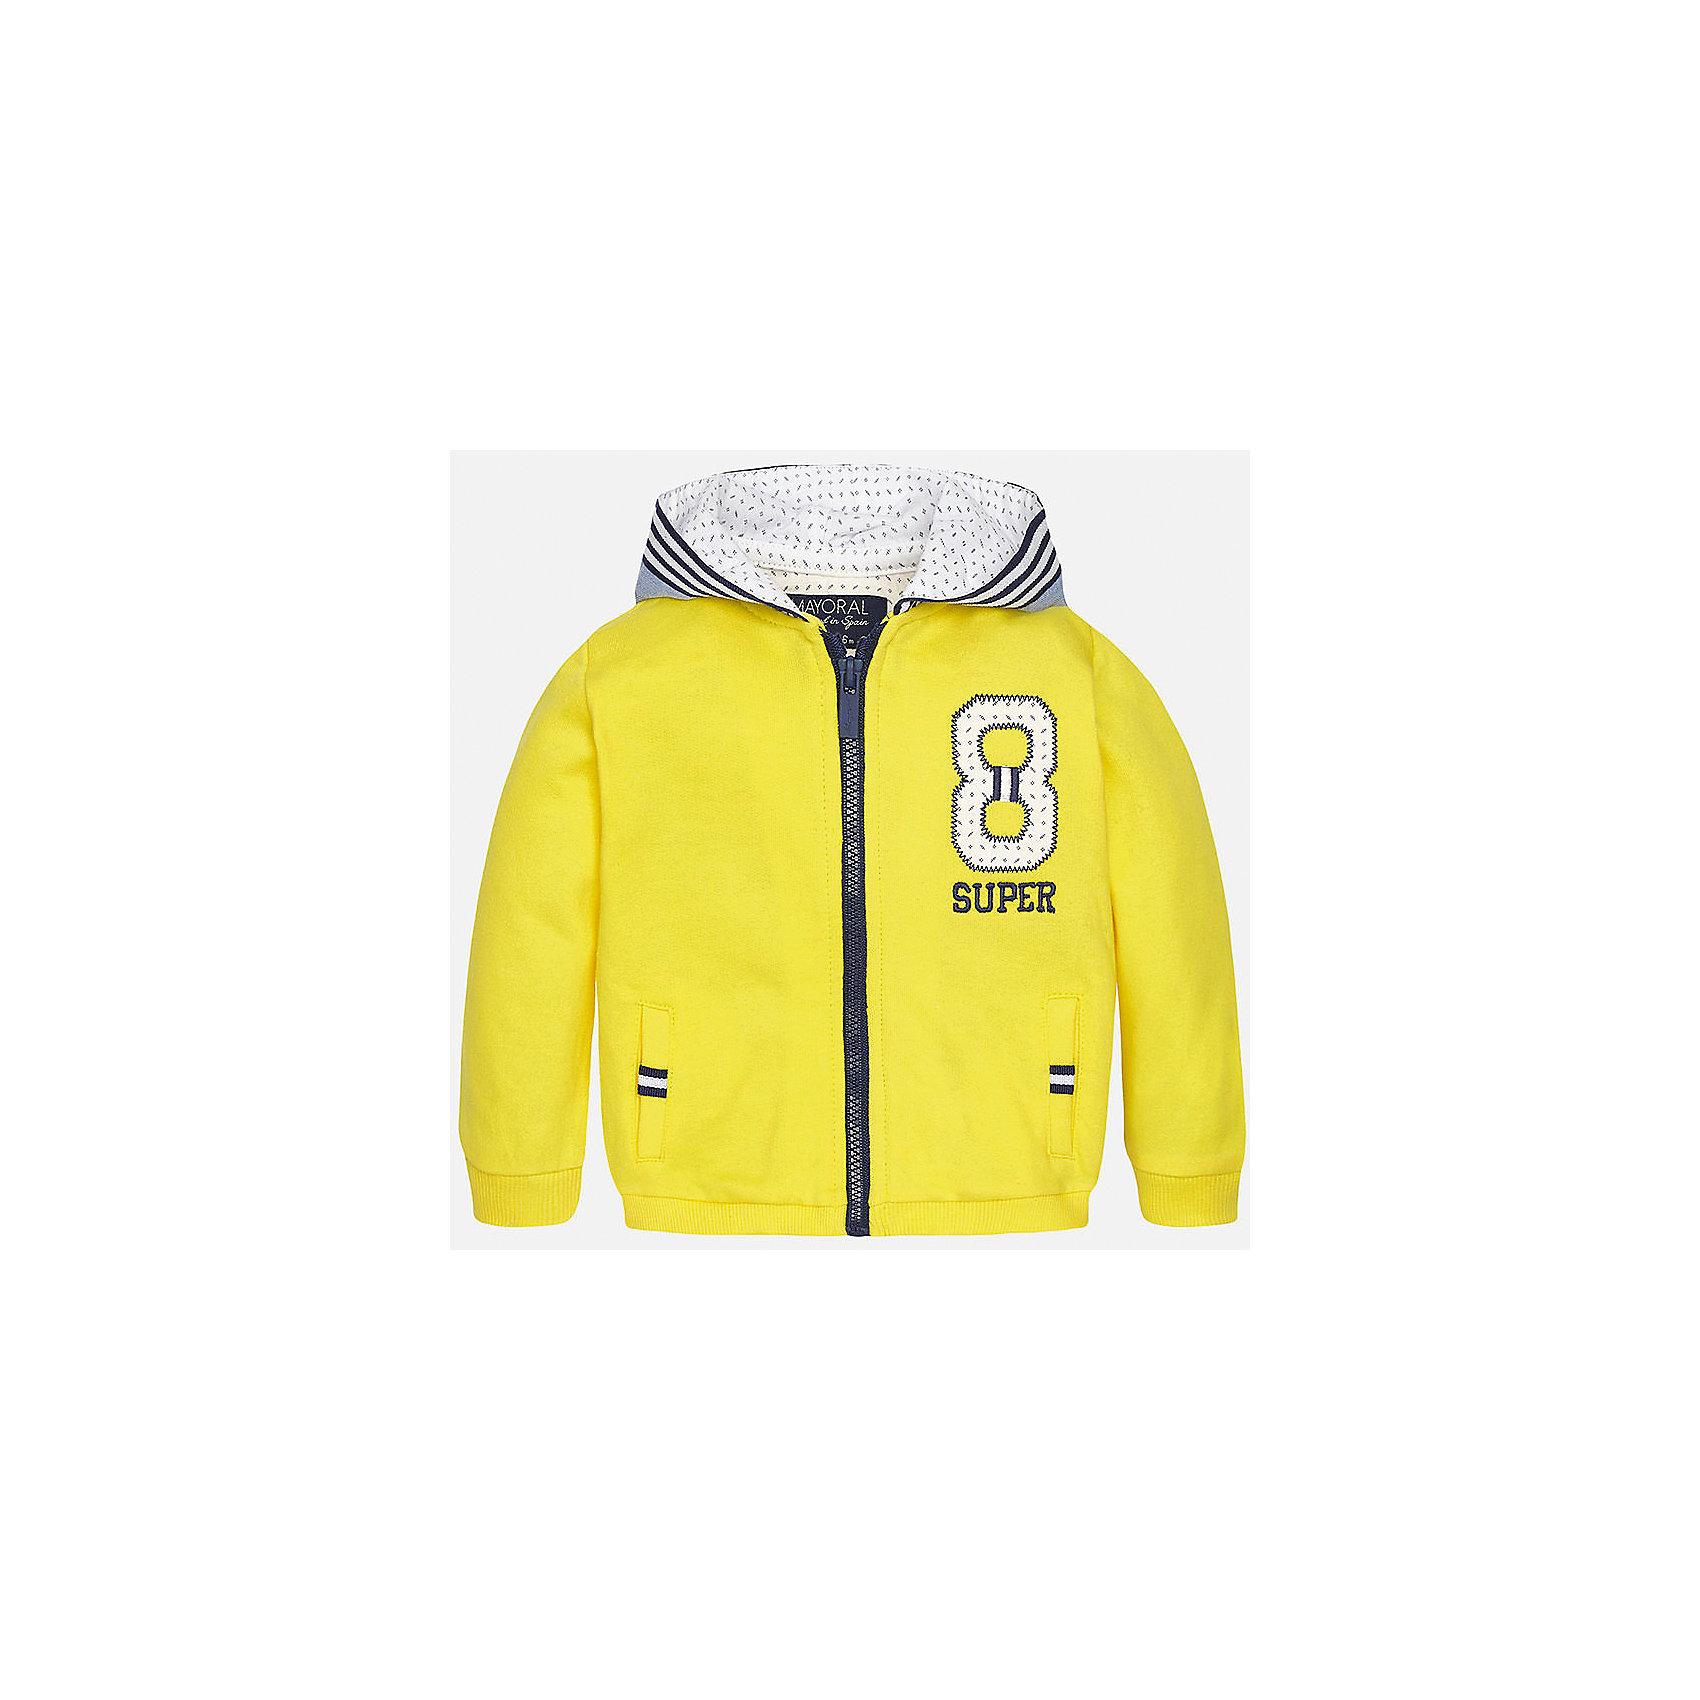 Толстовка для мальчика MayoralТолстовки, свитера, кардиганы<br>Характеристики товара:<br><br>• цвет: желтый<br>• состав: 100% хлопок<br>• рукава длинные <br>• карманы<br>• молния<br>• капюшон<br>• страна бренда: Испания<br><br>Удобная модная куртка для мальчика поможет разнообразить гардероб ребенка и обеспечить тепло. Она отлично сочетается и с джинсами, и с брюками. Универсальный цвет позволяет подобрать к вещи низ различных расцветок. Интересная отделка модели делает её нарядной и оригинальной. В составе материала - только натуральный хлопок, гипоаллергенный, приятный на ощупь, дышащий.<br><br>Одежда, обувь и аксессуары от испанского бренда Mayoral полюбились детям и взрослым по всему миру. Модели этой марки - стильные и удобные. Для их производства используются только безопасные, качественные материалы и фурнитура. Порадуйте ребенка модными и красивыми вещами от Mayoral! <br><br>Куртку для мальчика от испанского бренда Mayoral (Майорал) можно купить в нашем интернет-магазине.<br><br>Ширина мм: 356<br>Глубина мм: 10<br>Высота мм: 245<br>Вес г: 519<br>Цвет: желтый<br>Возраст от месяцев: 12<br>Возраст до месяцев: 18<br>Пол: Мужской<br>Возраст: Детский<br>Размер: 86,80,92<br>SKU: 5279580